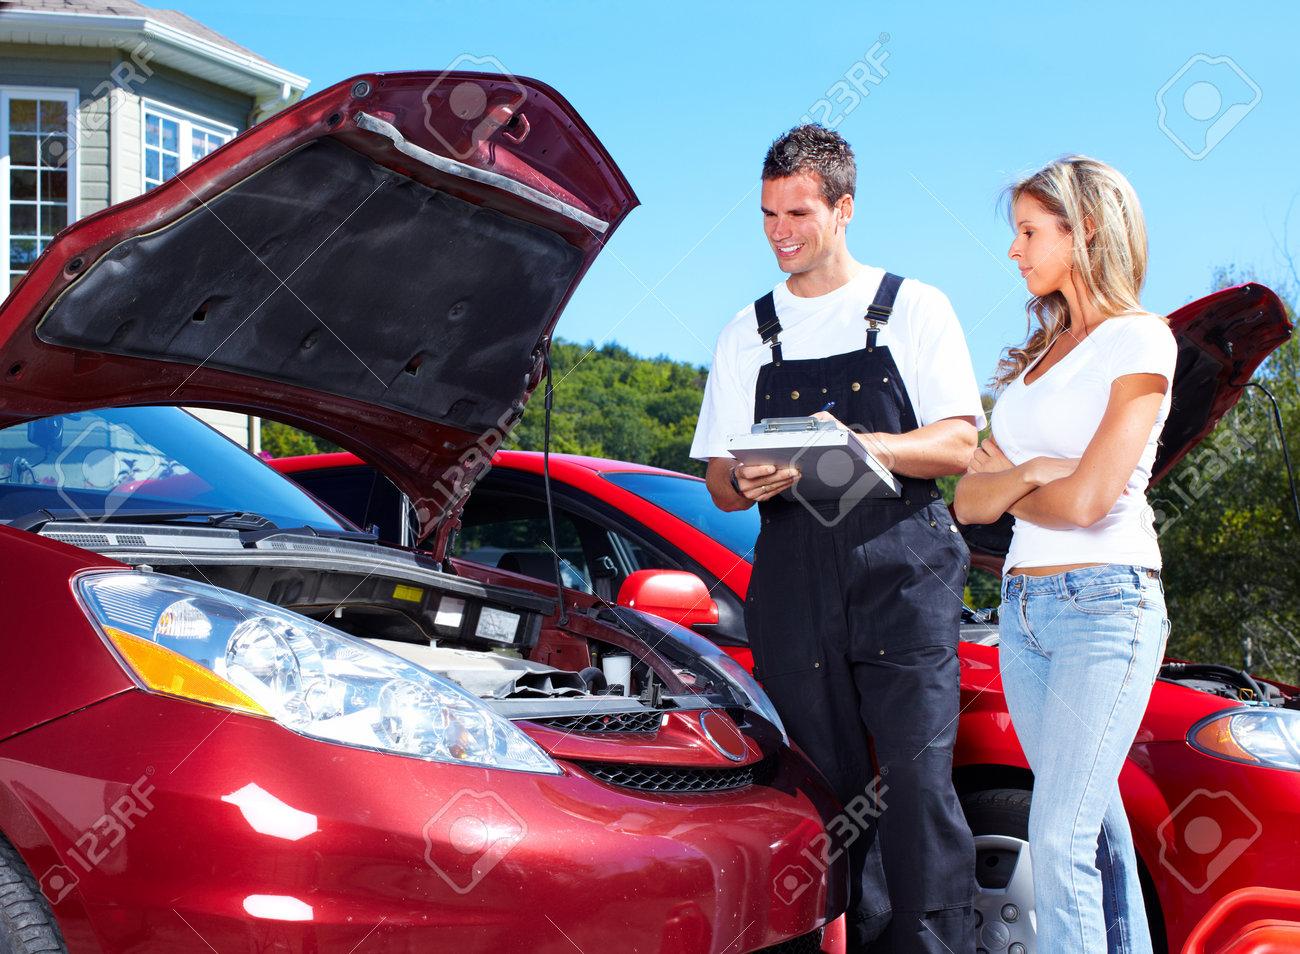 Auto mechanic Stock Photo - 10548771